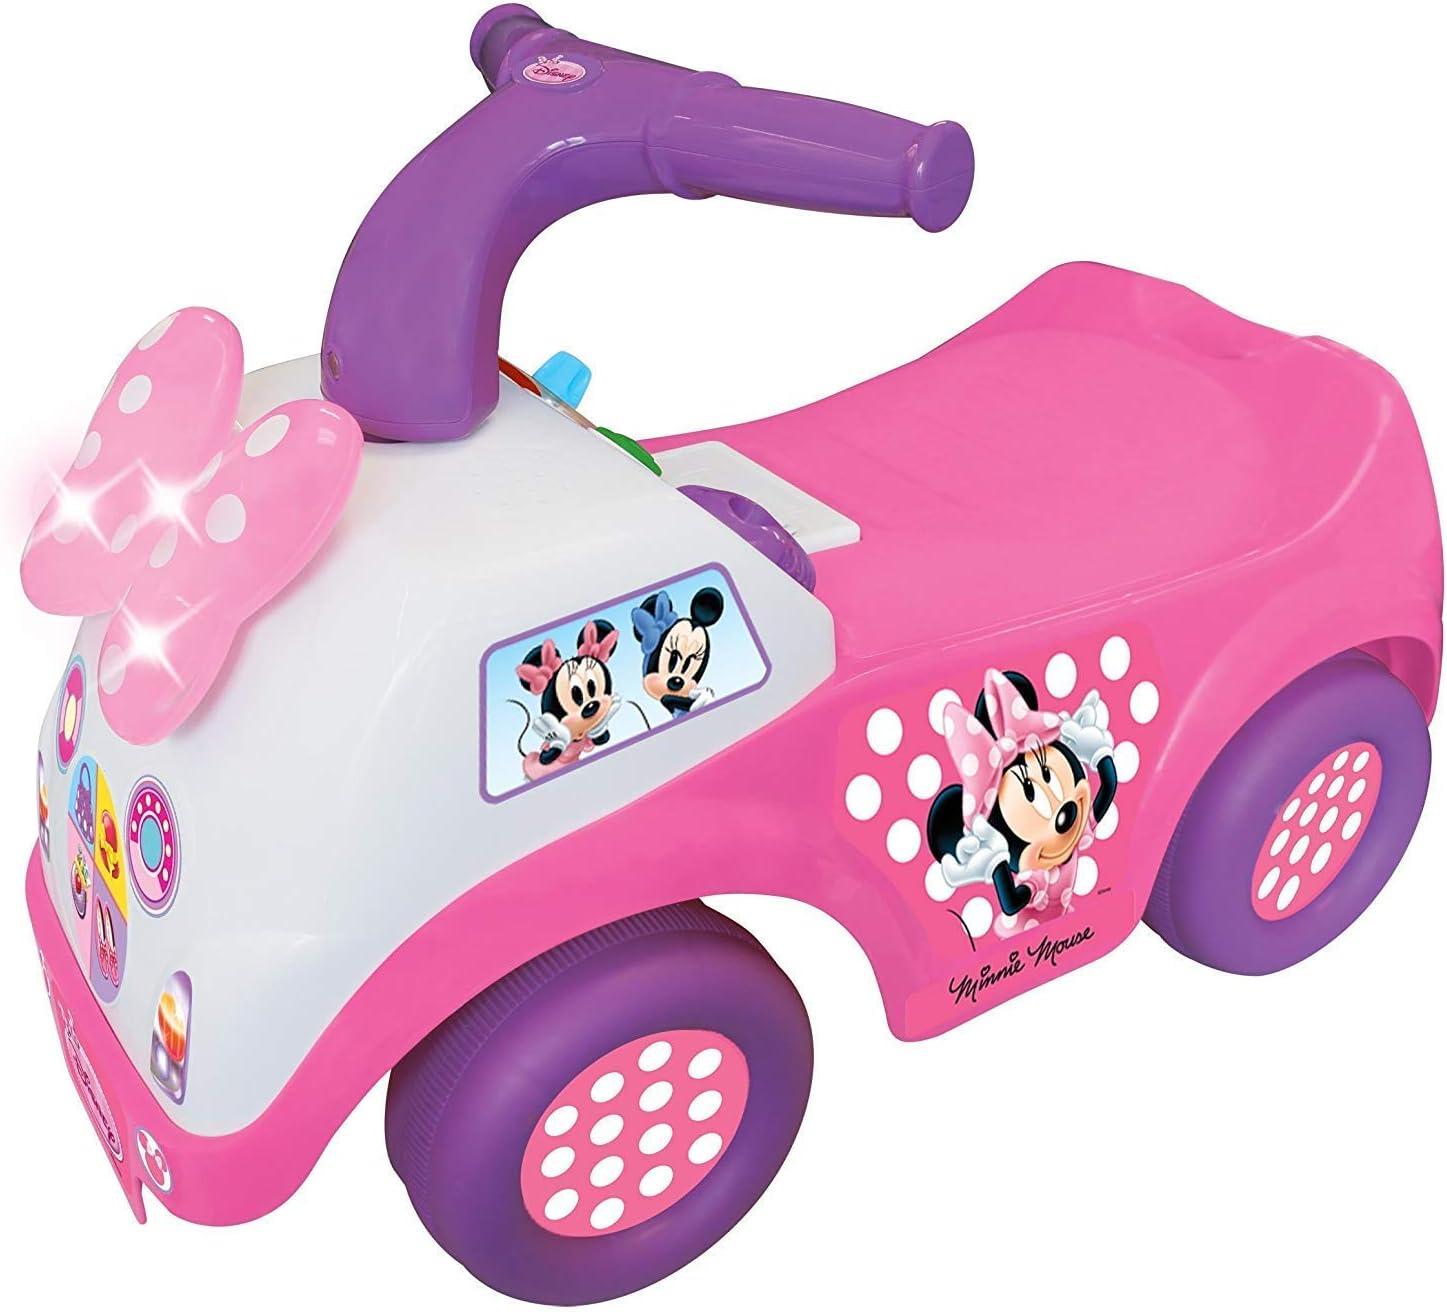 Rutscher Kinderauto Laufwagen Minni Maus 12-36 Disney Minnie Mouse Rutschauto